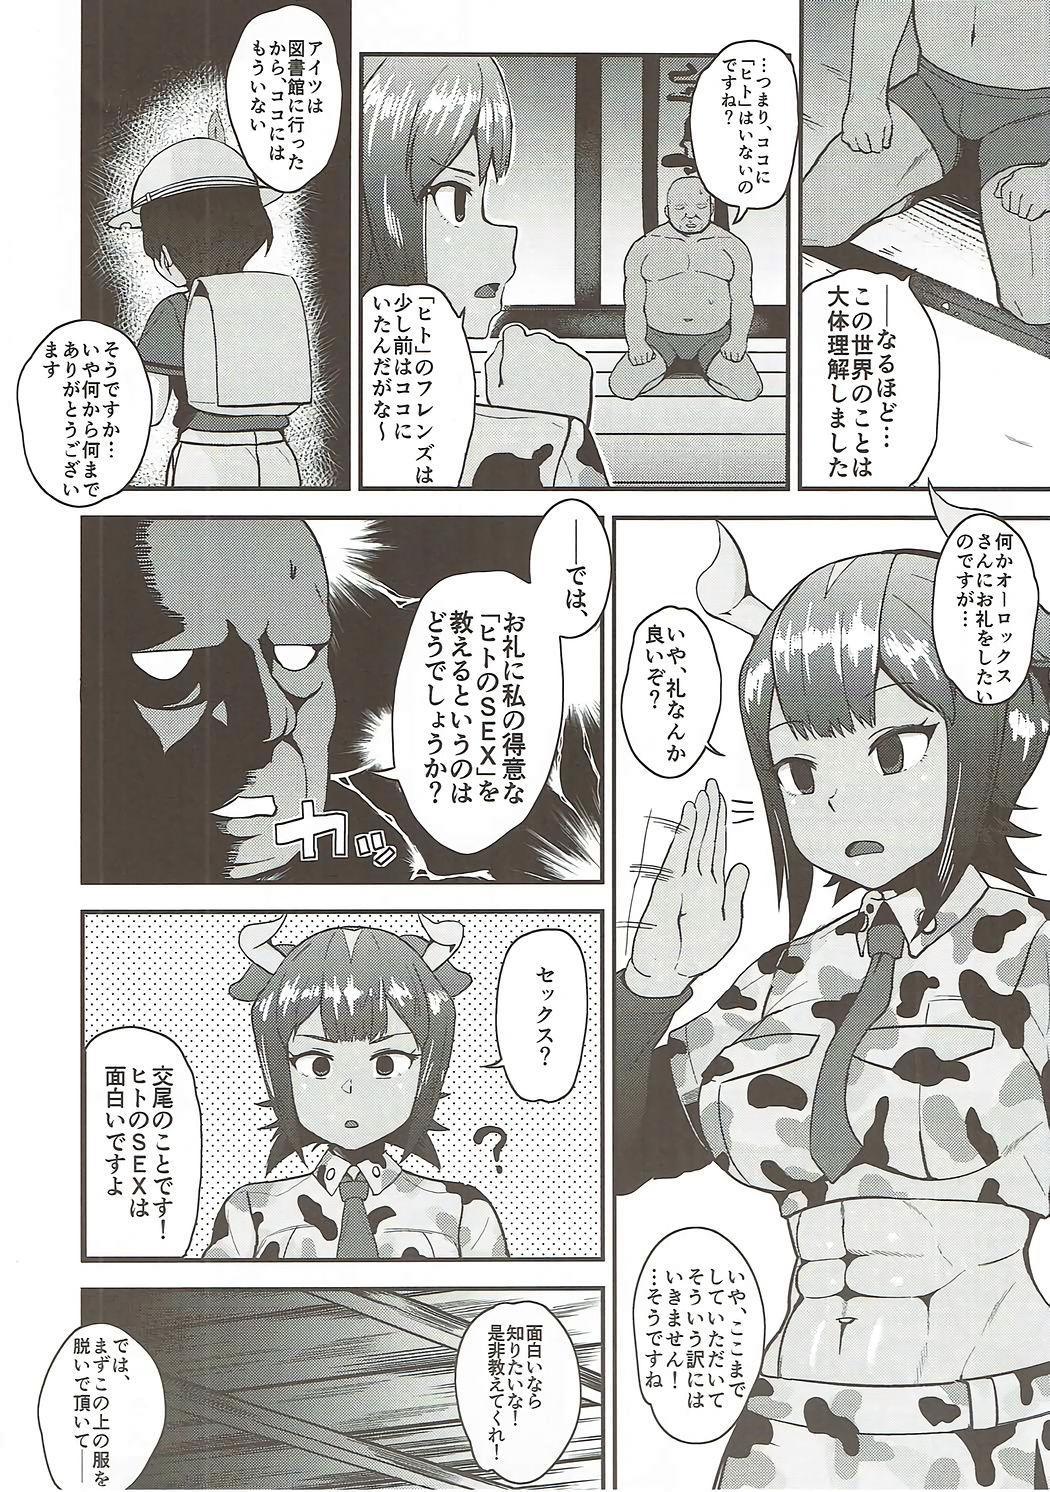 Aurochs-san ni Oshiete Ageyou 2